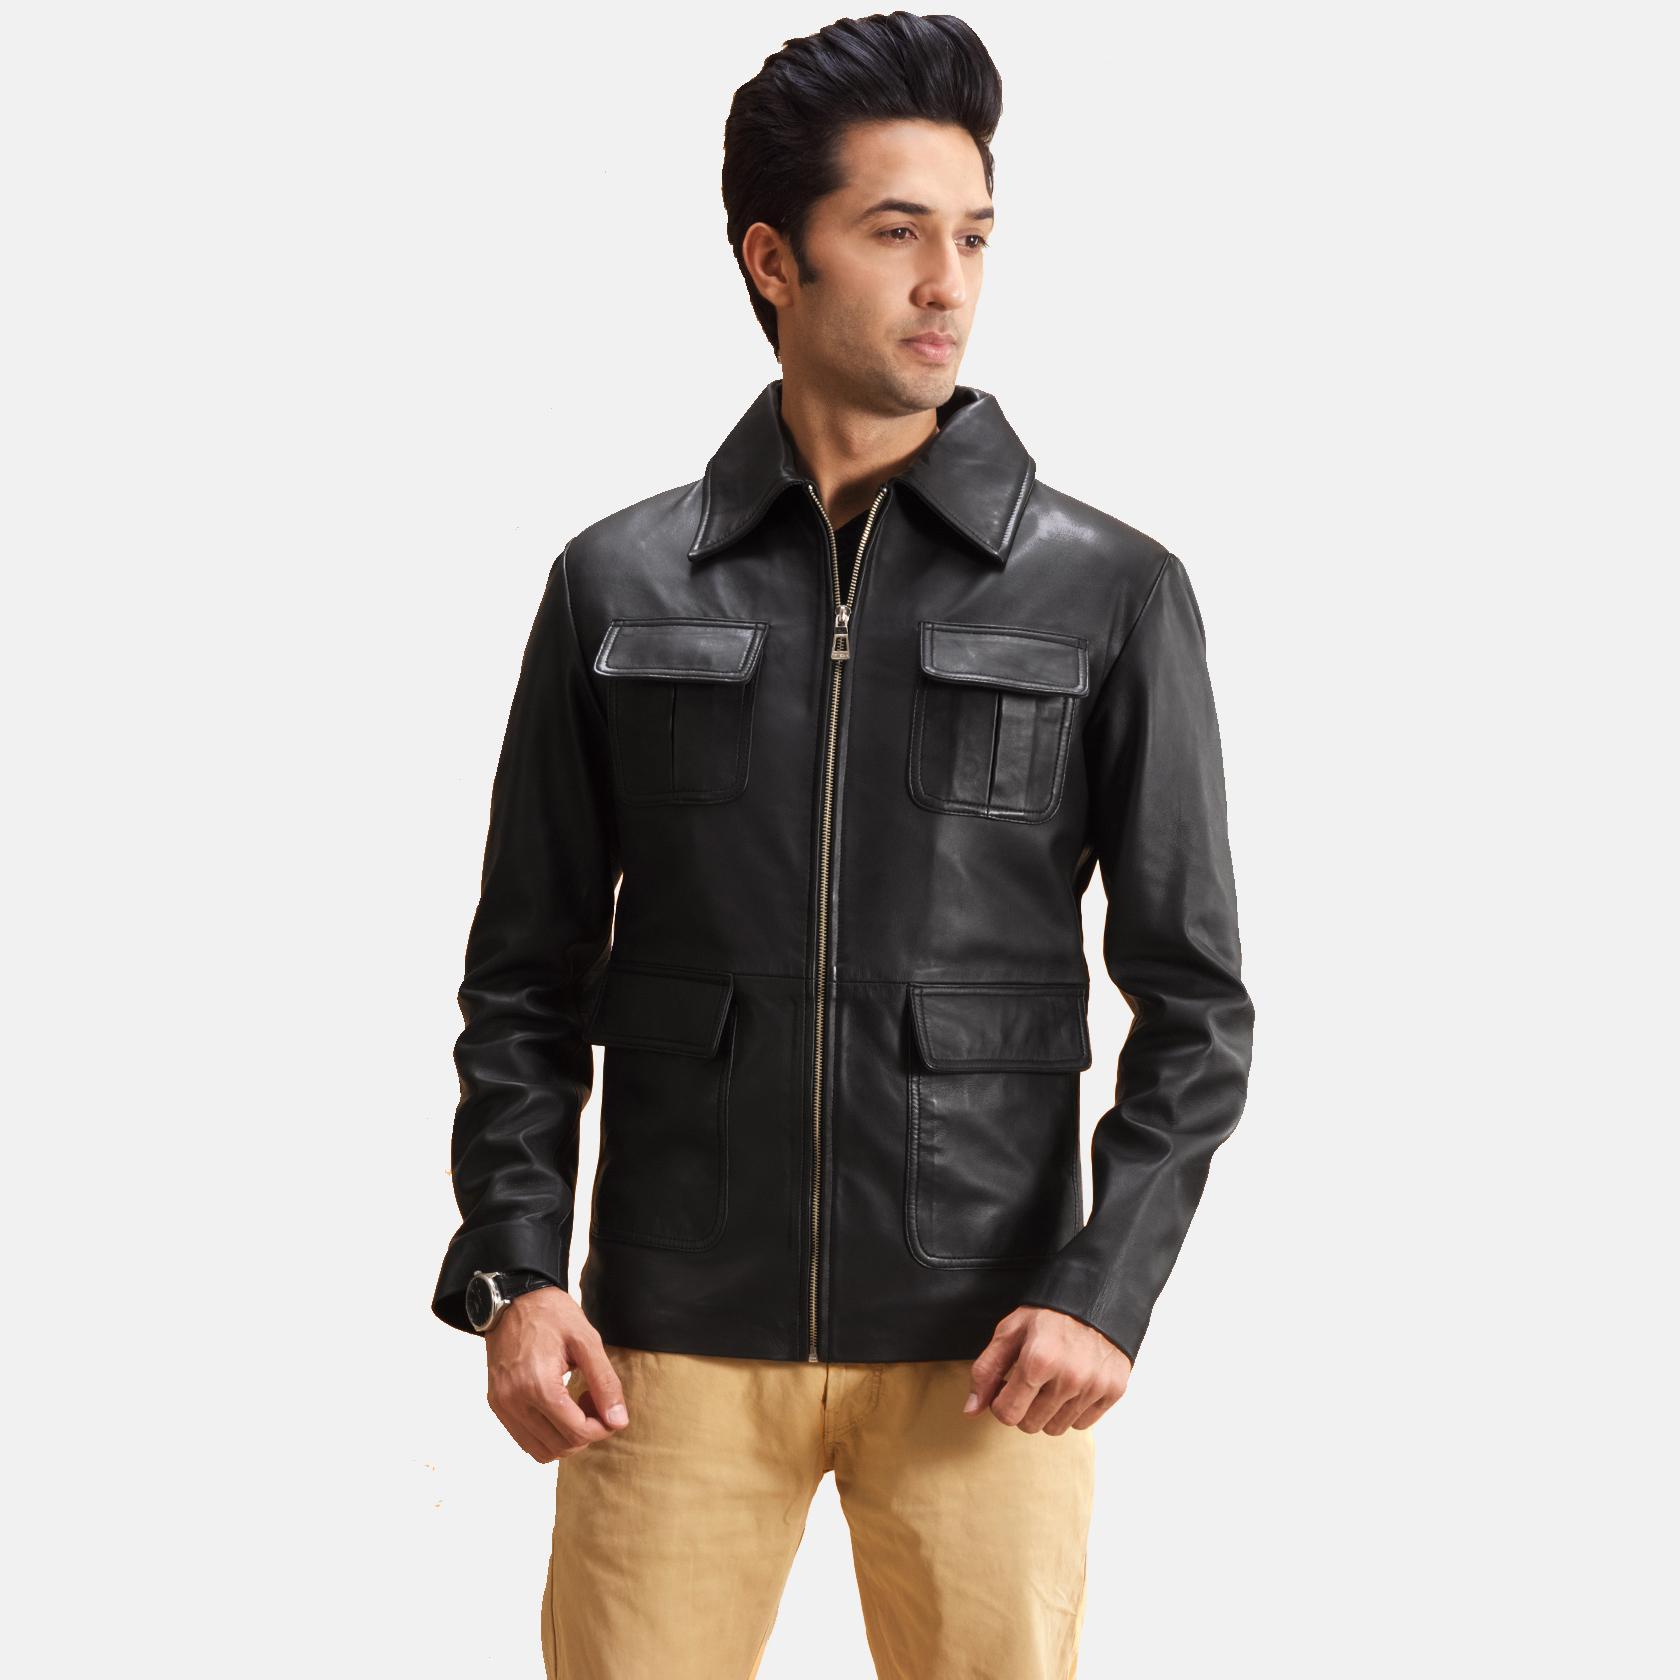 Raven Black Affordable Leather Jacket